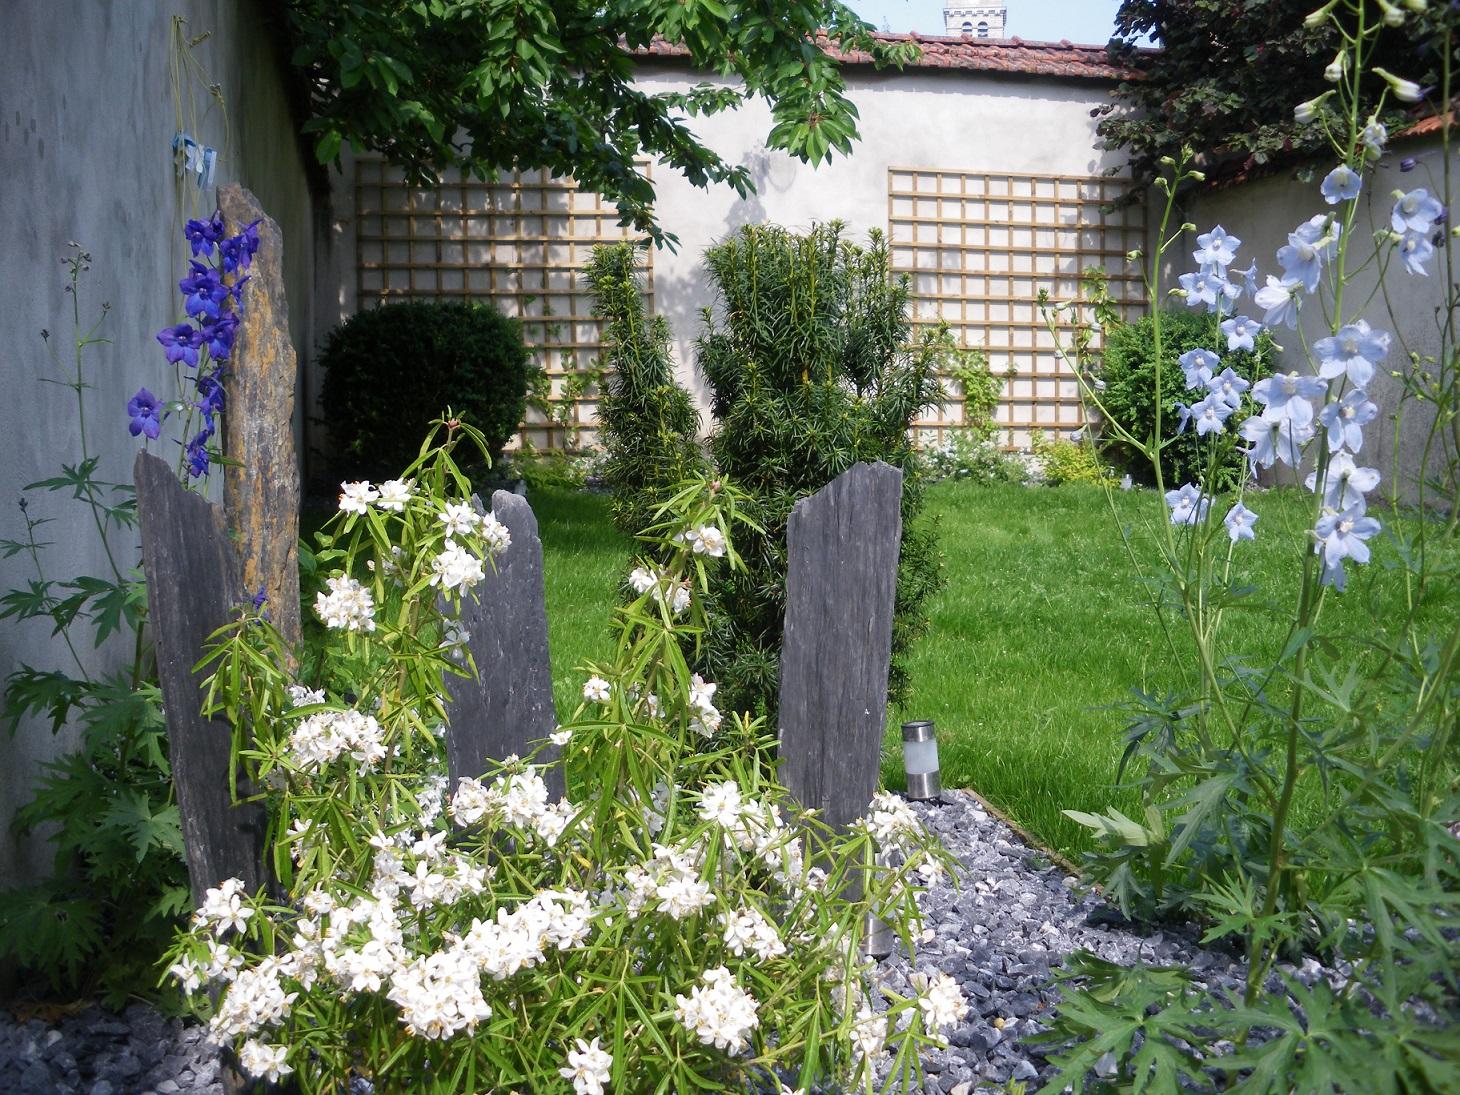 D coration ext rieure mobilier de jardin et poterie fl - Mobilier jardin witry les reims villeurbanne ...